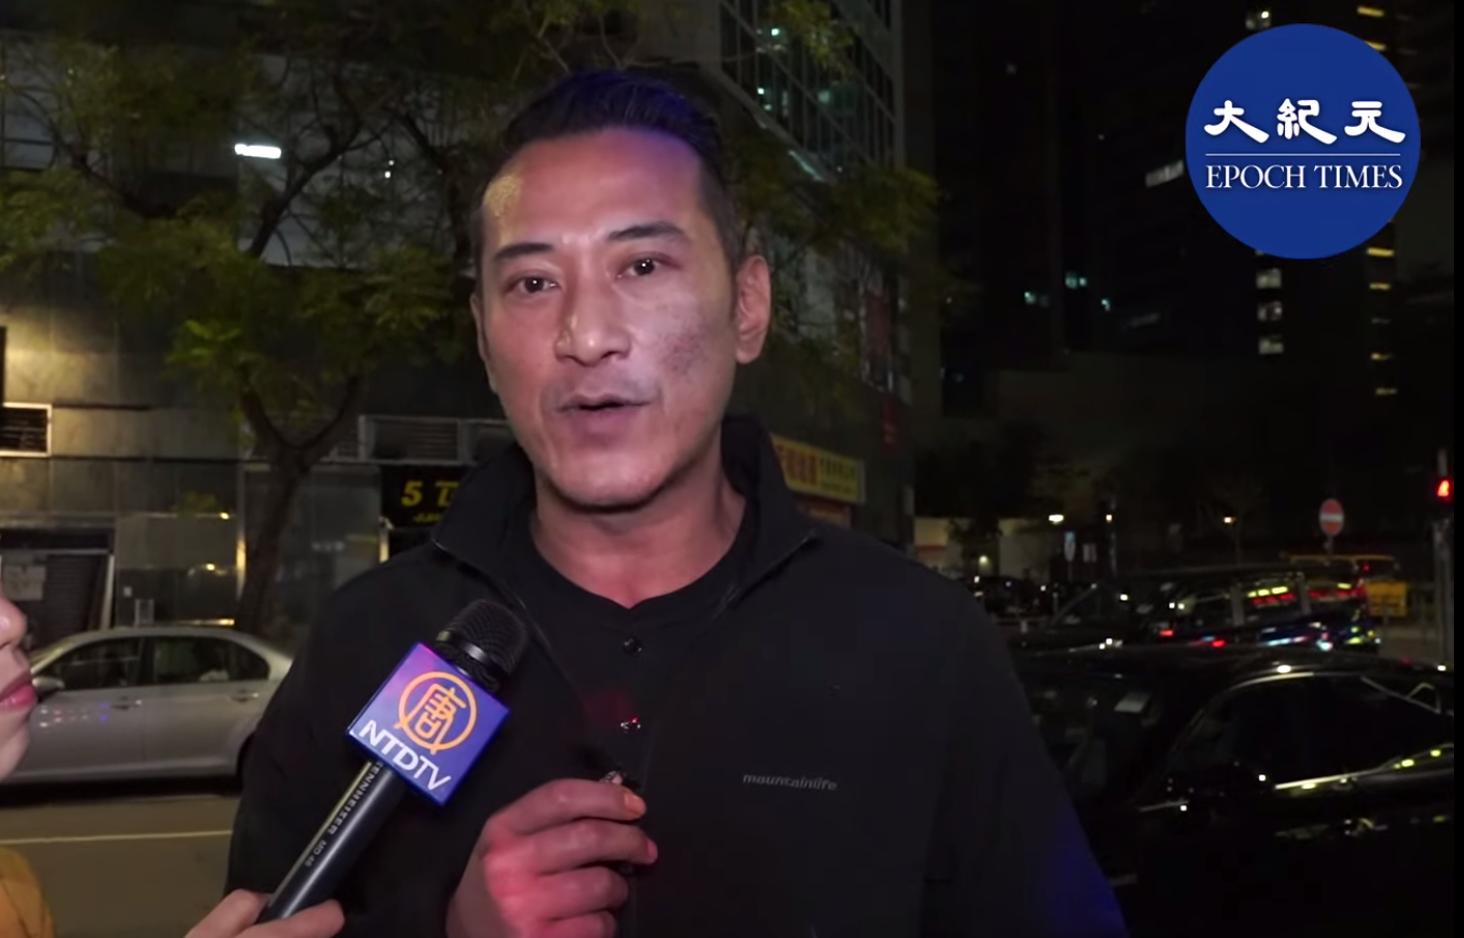 「霸氣哥」為12月26日的石門音樂會接受採訪  (影片截圖)